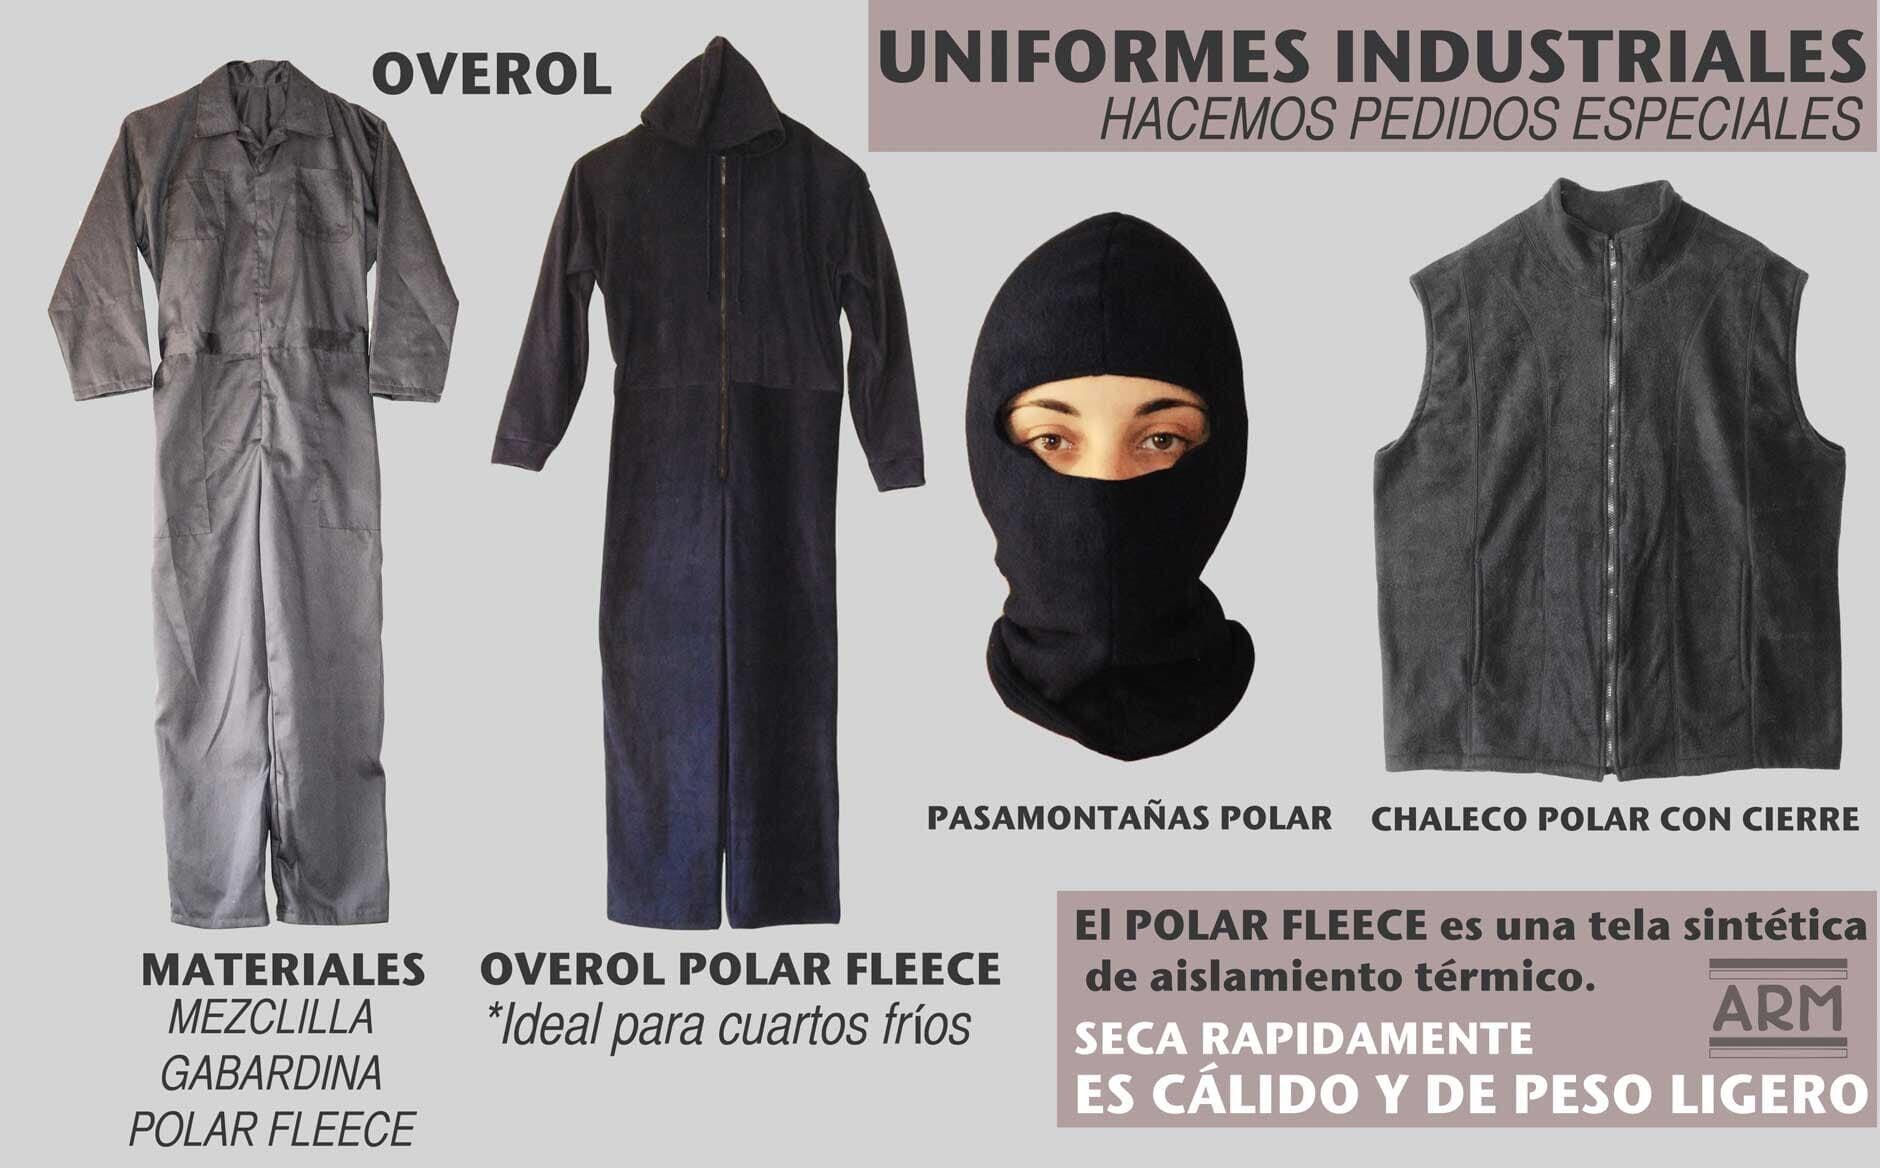 LA TIJERA - uniformes industriales